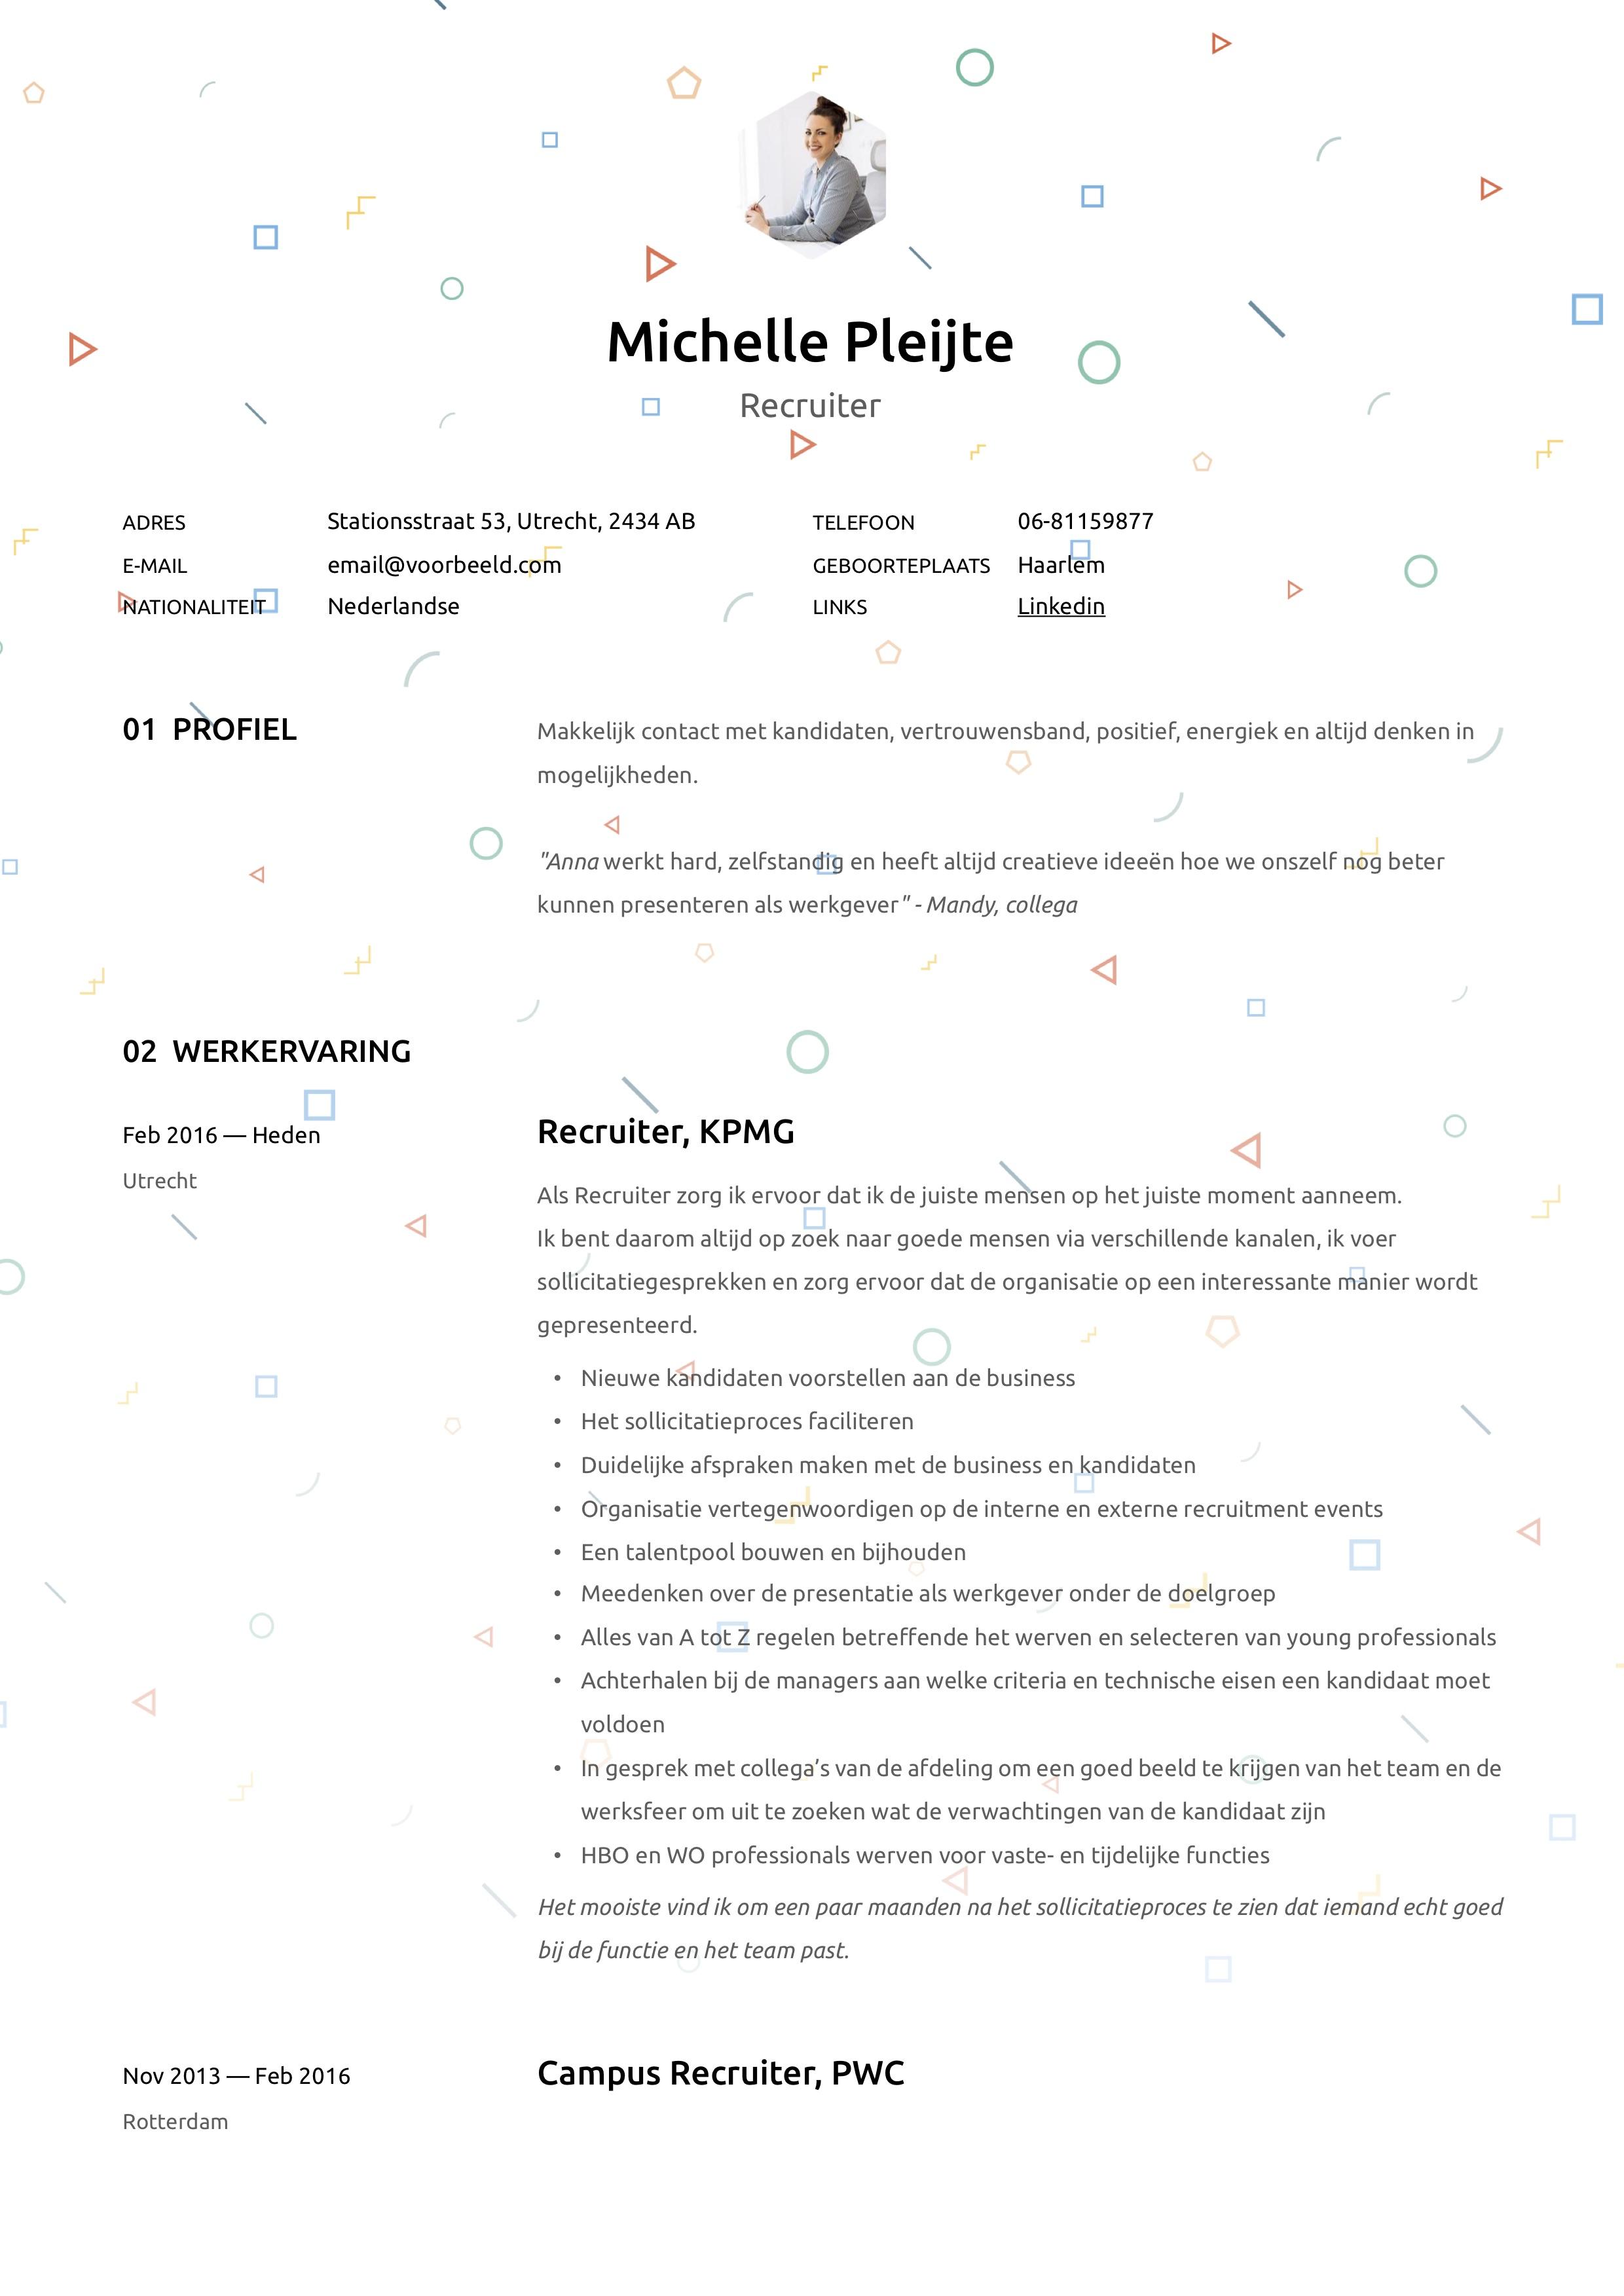 CV Recruiter